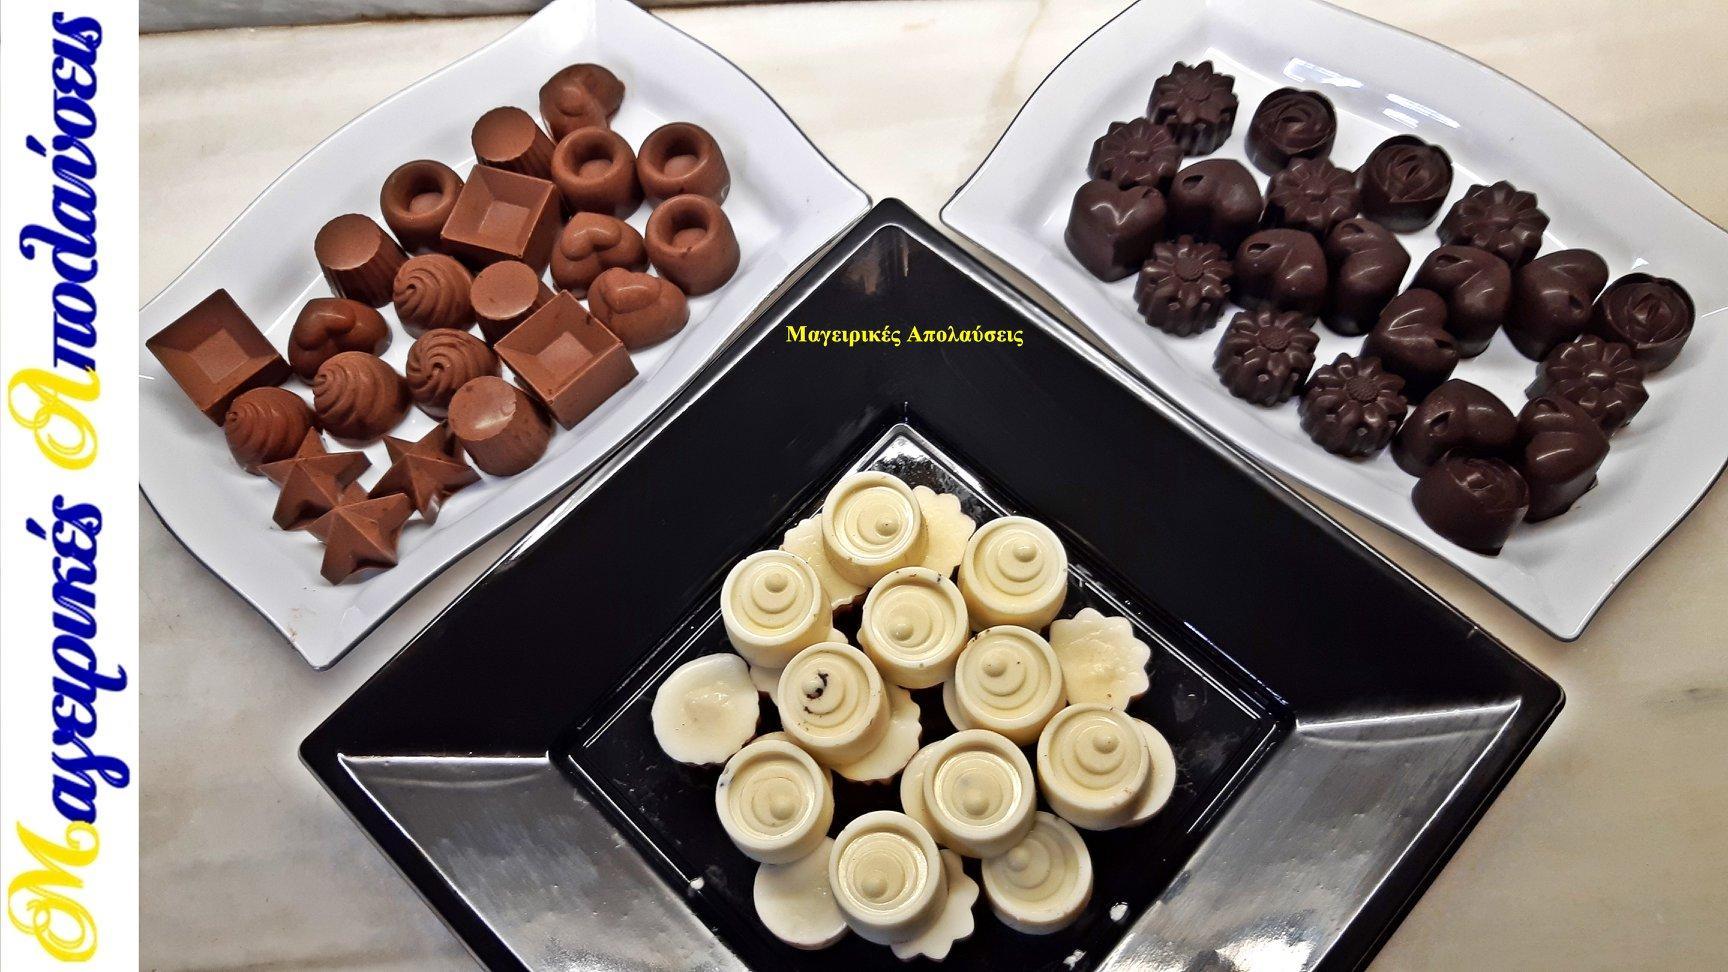 συνταγή_για_σπιτική_κουβερτούρα_σοκολάτα γάλακτος_λευκή σοκολάτα_